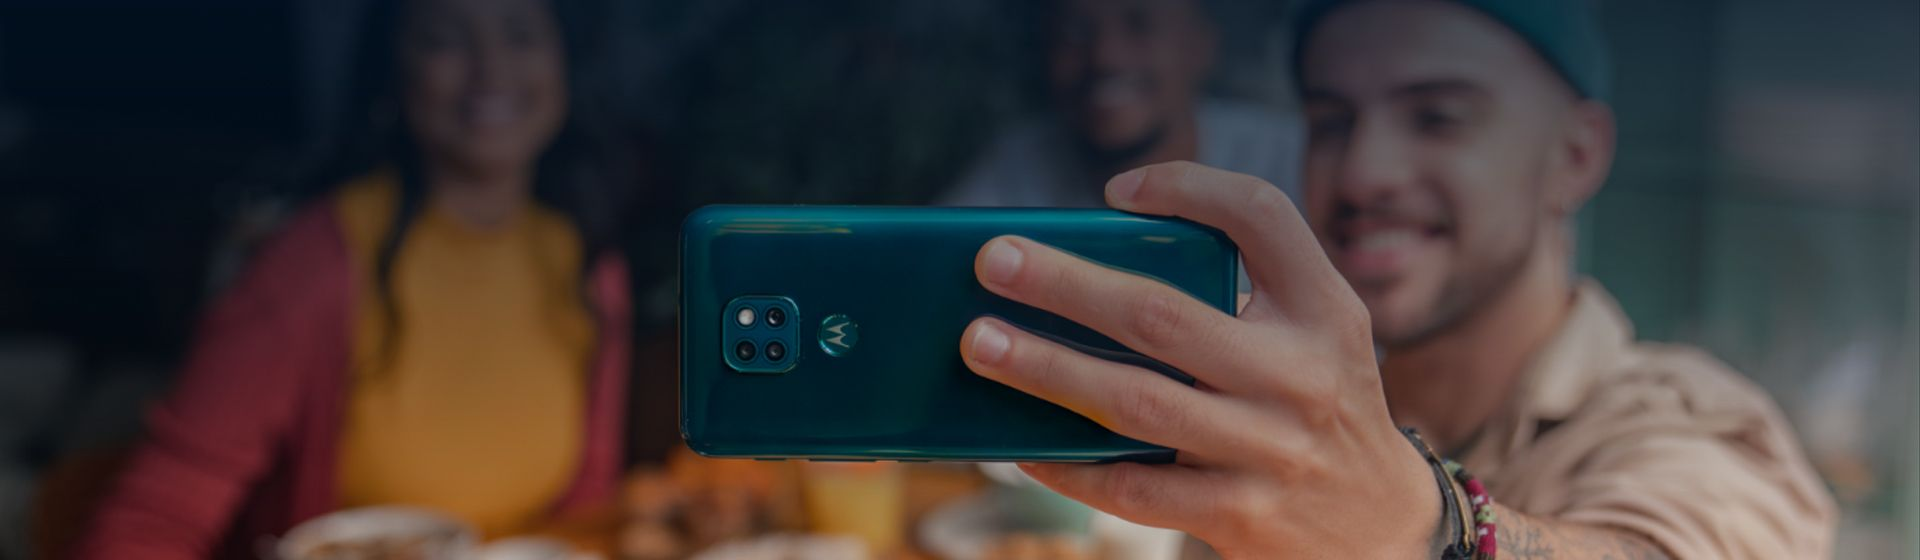 Moto G9 Play x Moto G8 Play: comparamos os dois modelos da Motorola